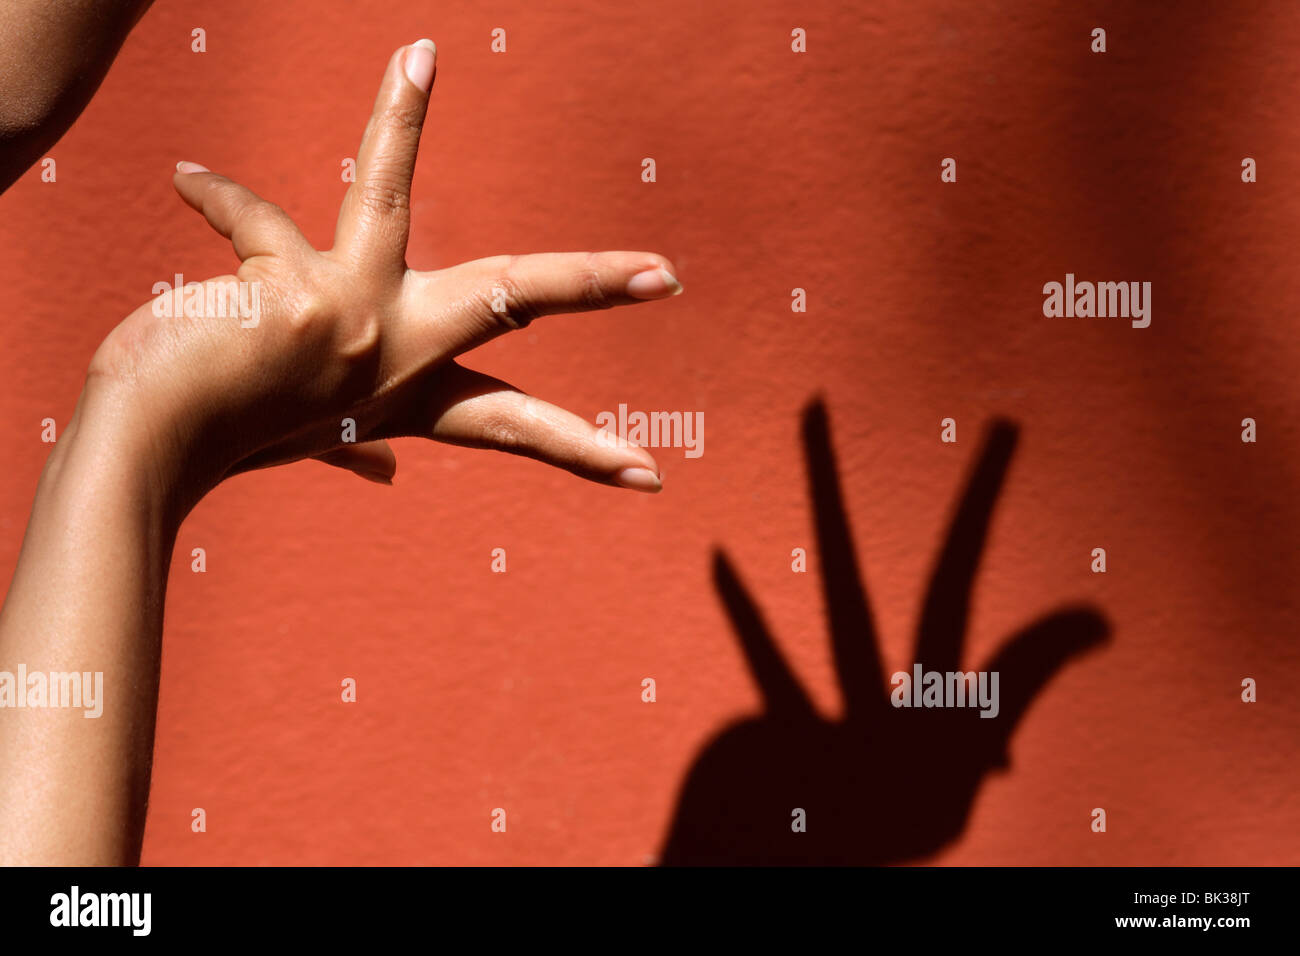 Close-up di mano e ombra di Ala Padma, una mano spostare, Odissi dance, India, Asia Immagini Stock